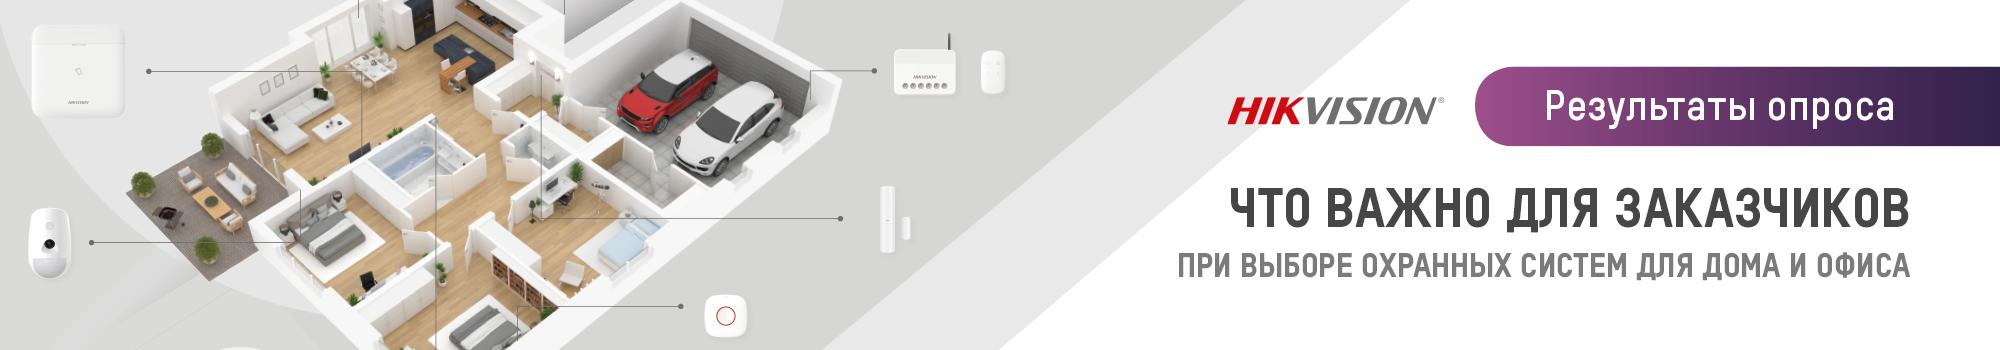 Что важно для заказчиков при выборе охранных систем для дома и офиса — результаты опроса Hikvision